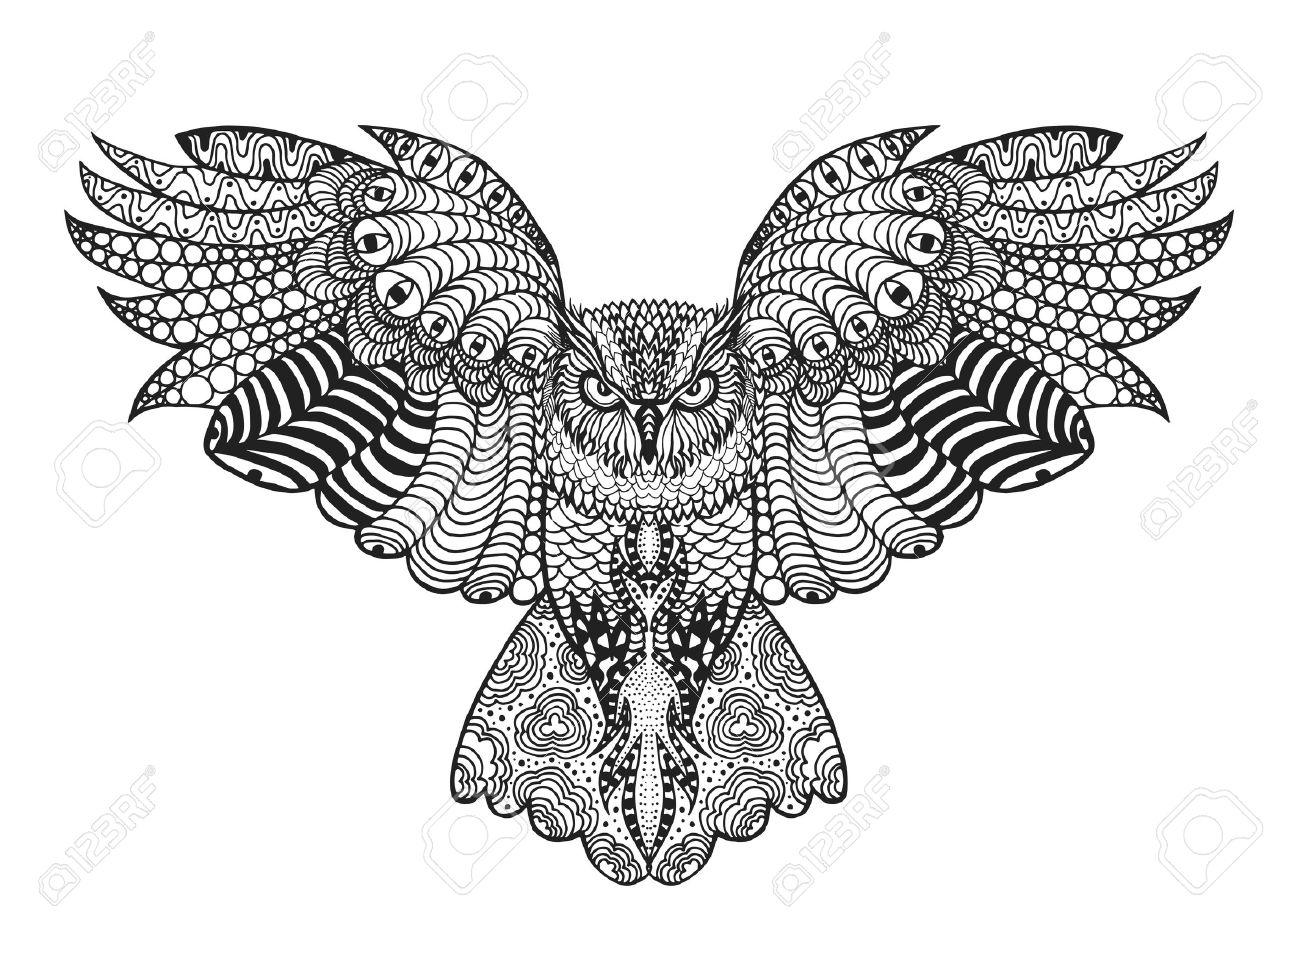 Birds. Mano Blanco Y Negro Dibujado Garabato. Étnico Ilustración ...